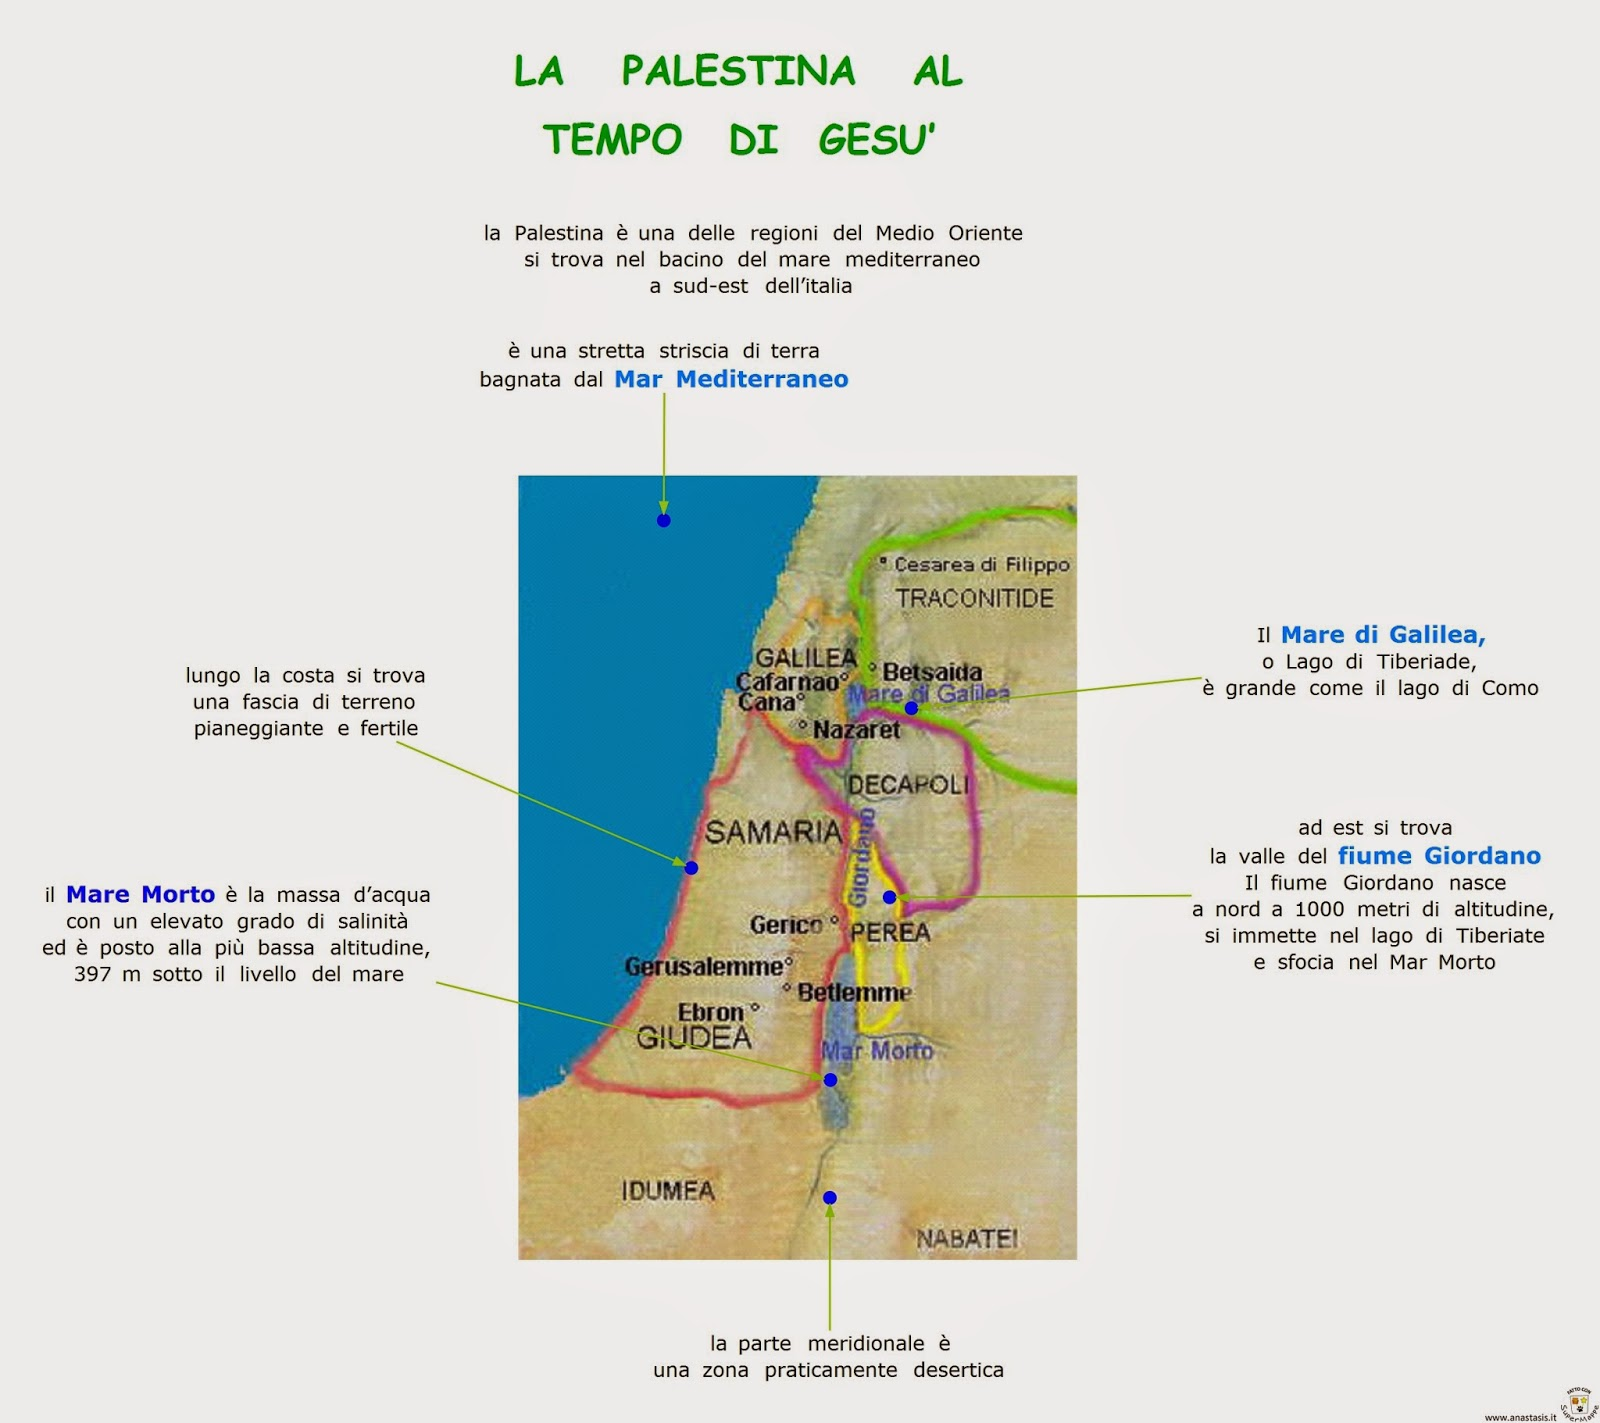 Amato Paradiso delle mappe: La Palestina al tempo di Gesù EB39